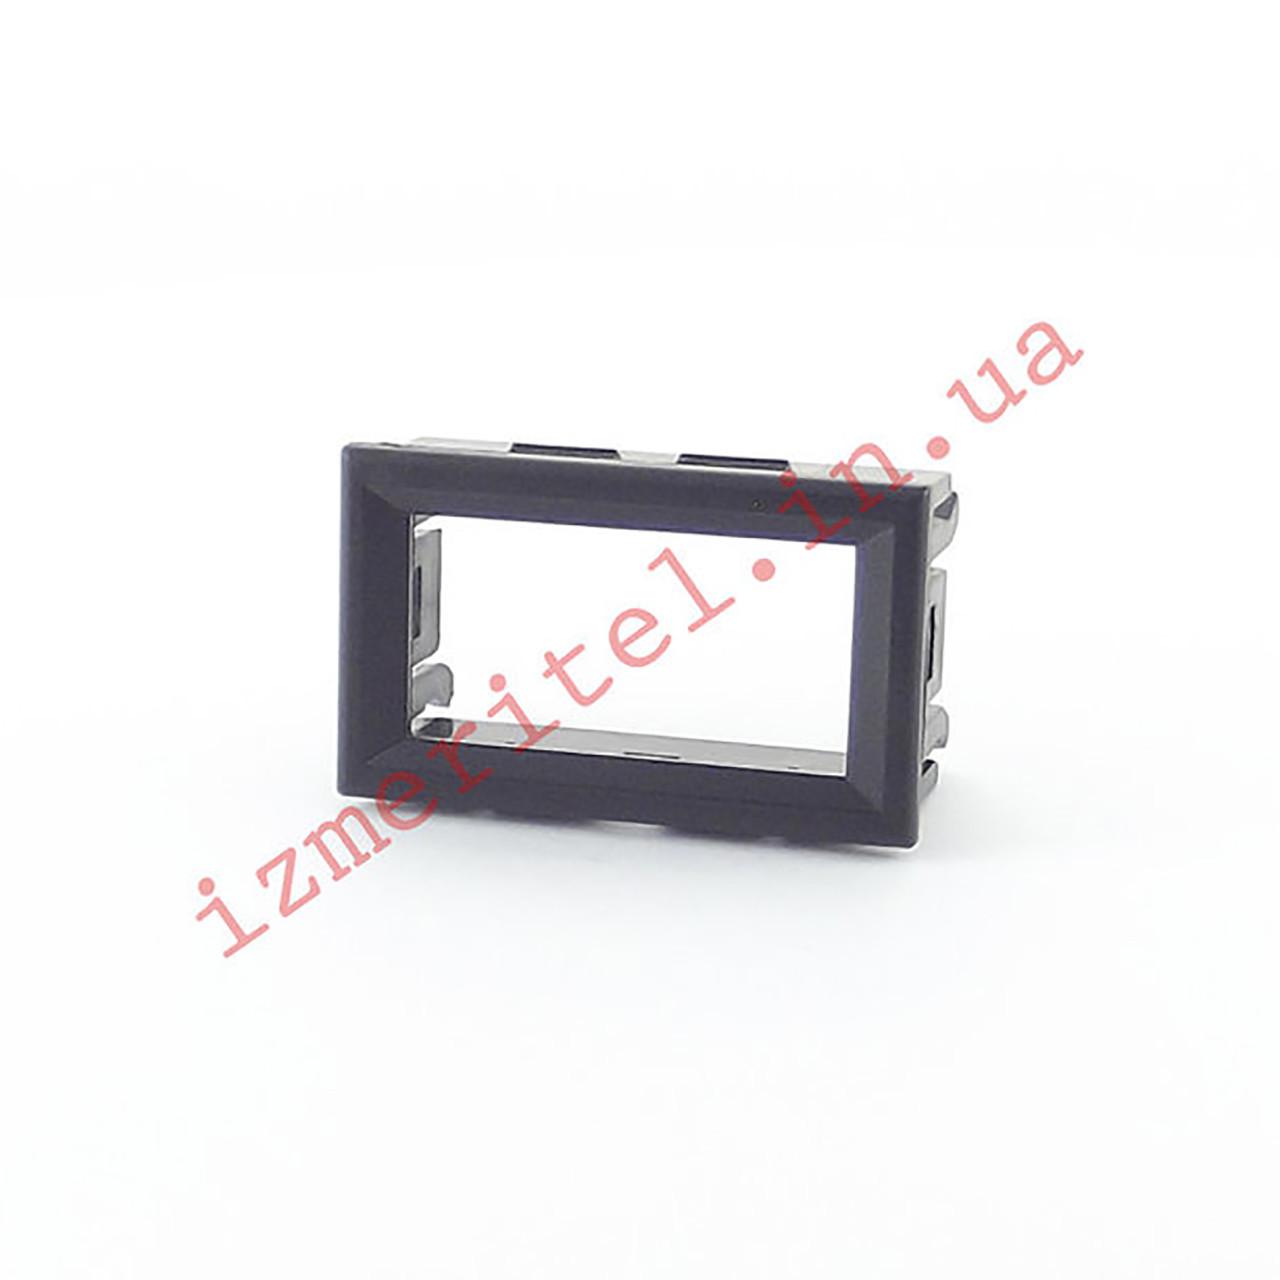 Рамка-корпус для цифровых индикаторов 0.56/3